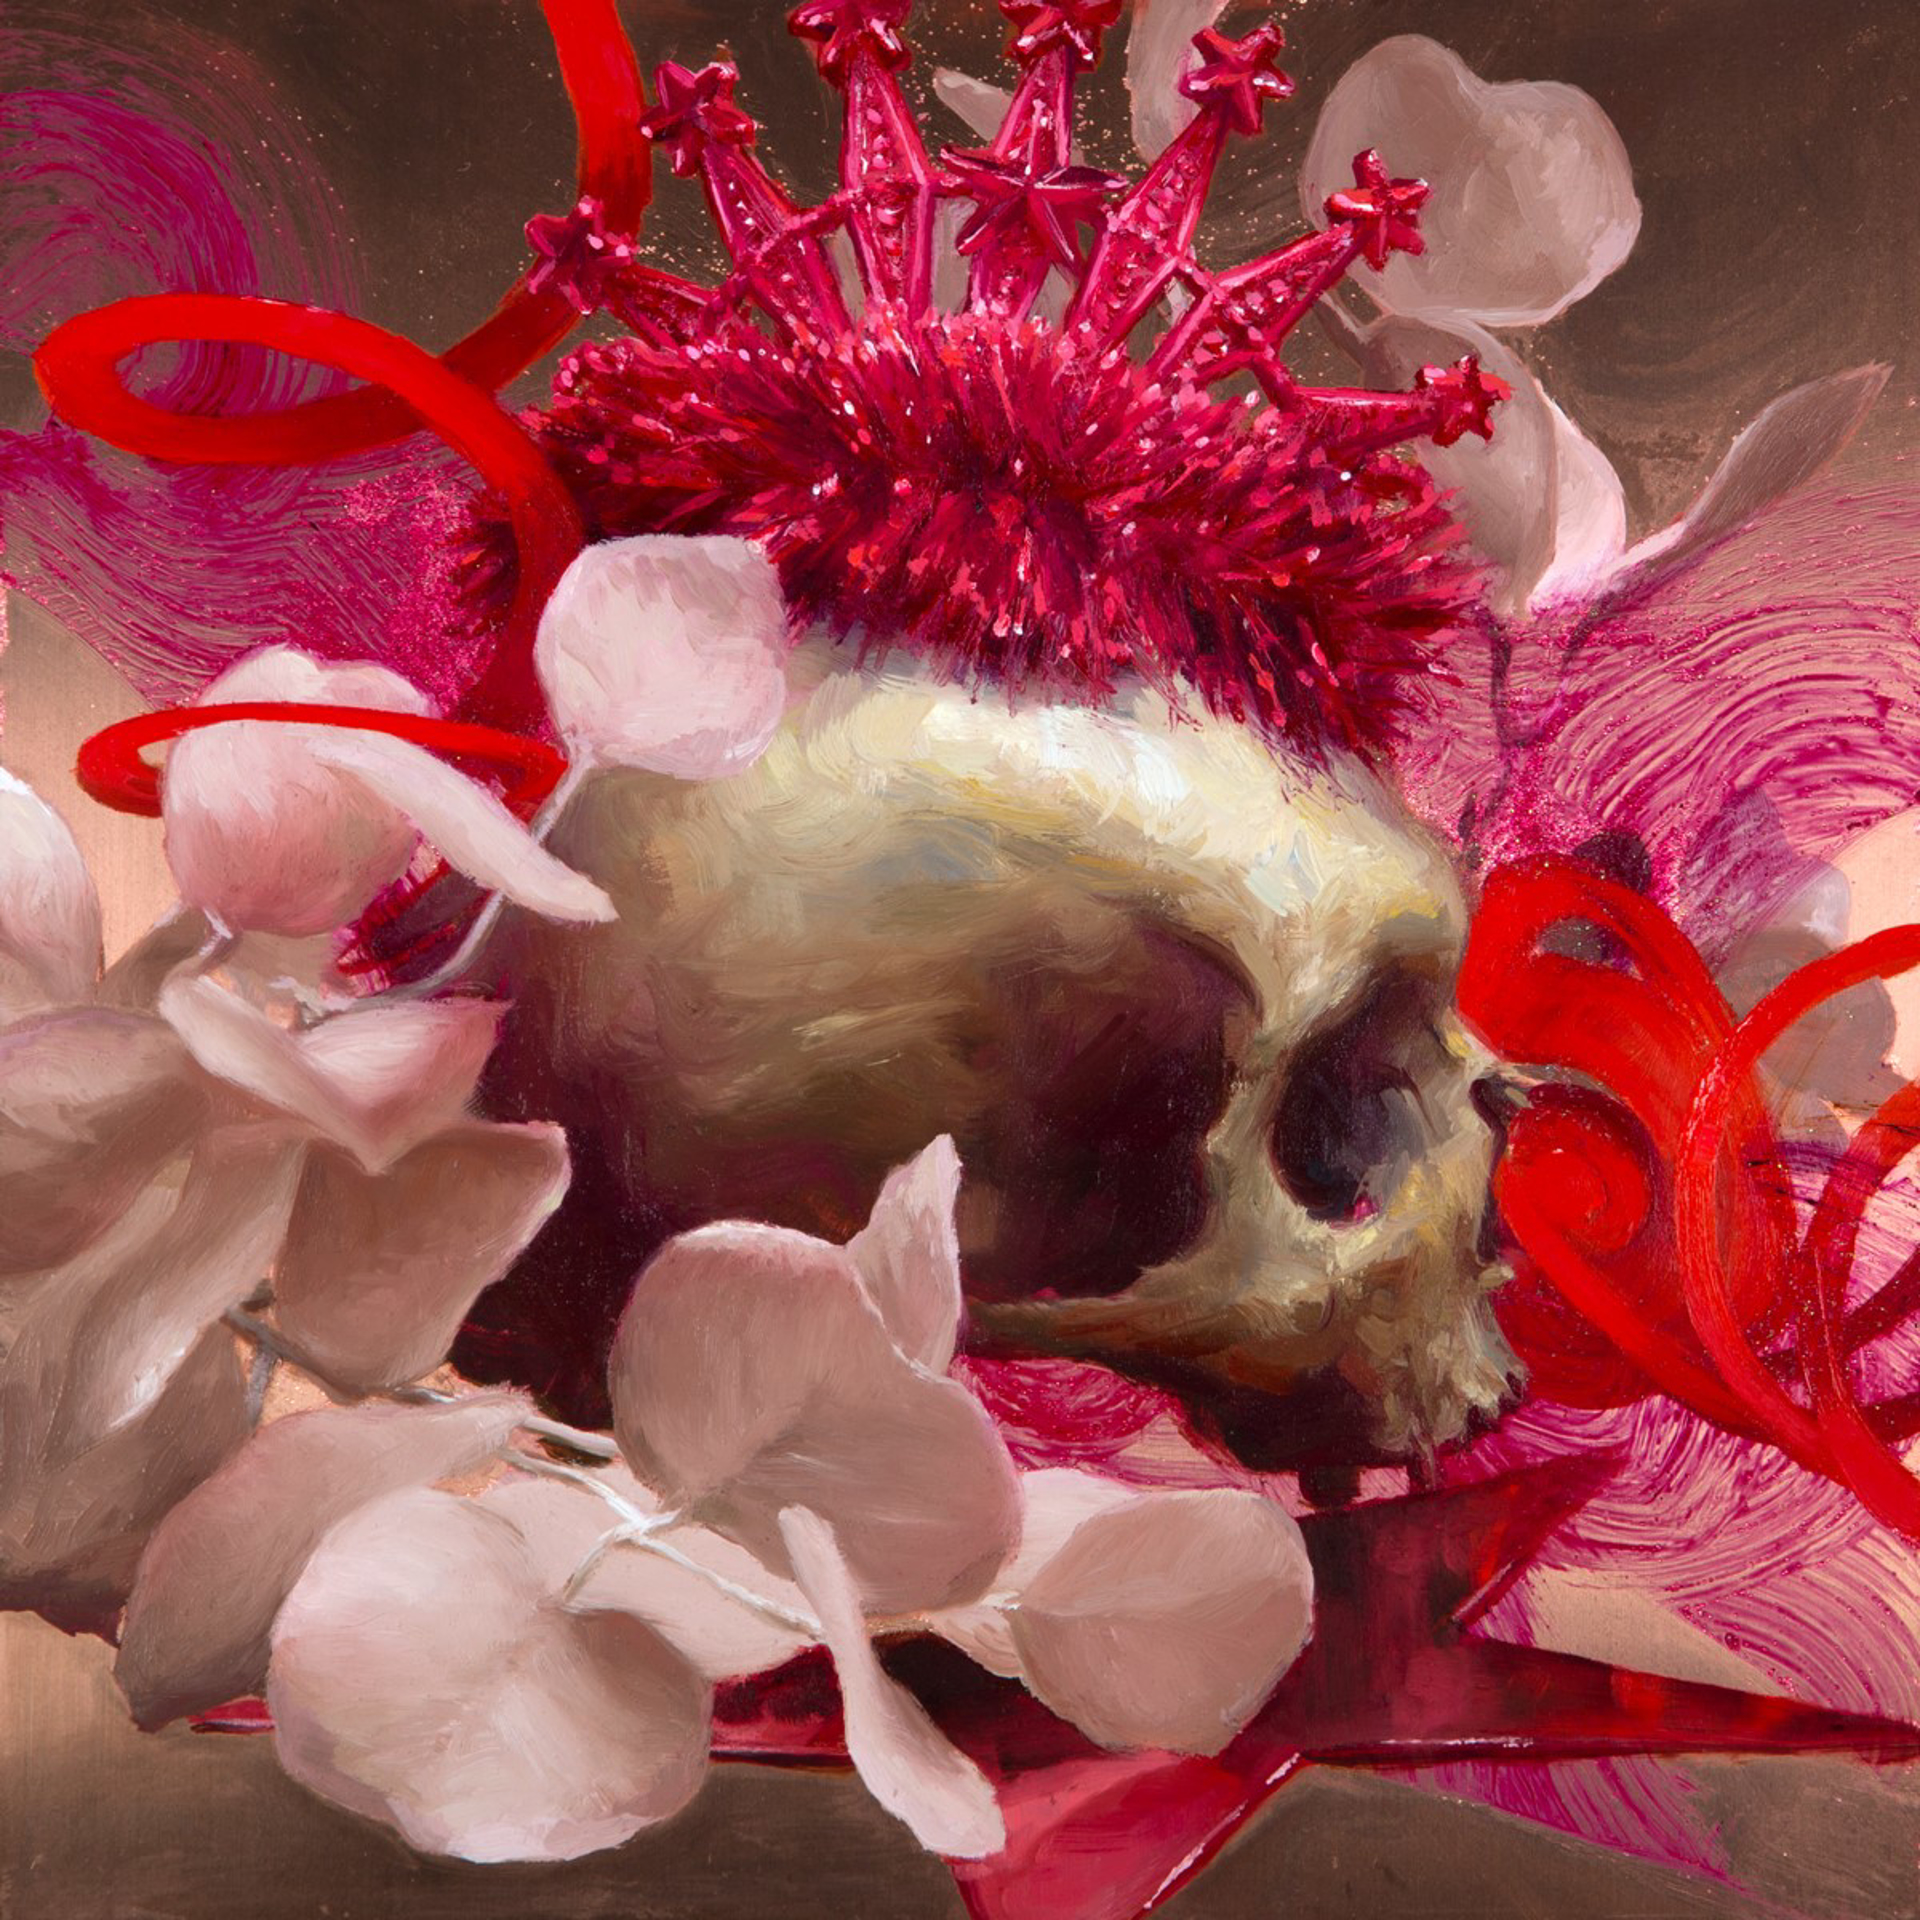 Party Skull #5 by Elizabeth Zanzinger